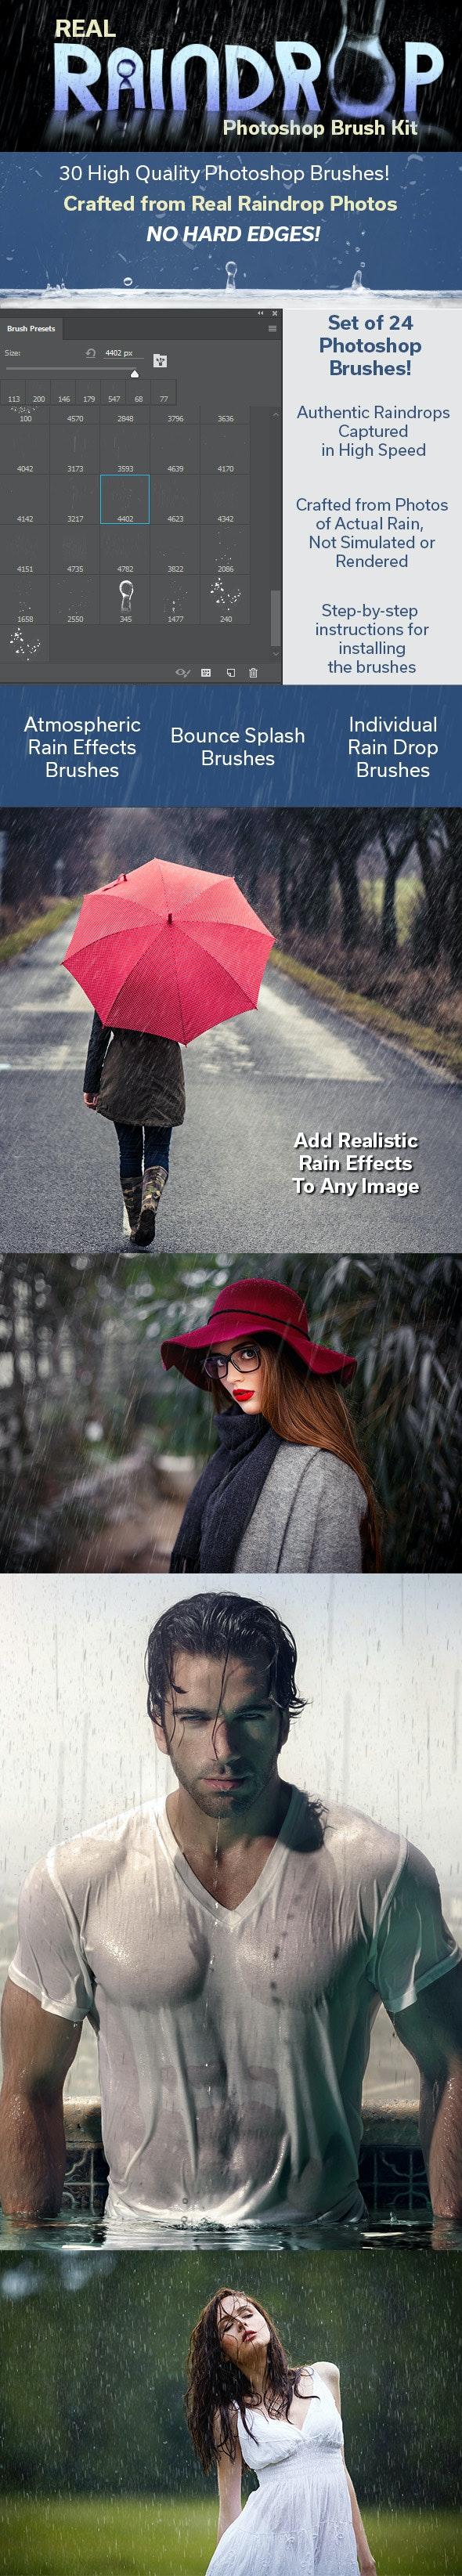 Real Raindrop Photoshop Brush Kit - Brushes Photoshop